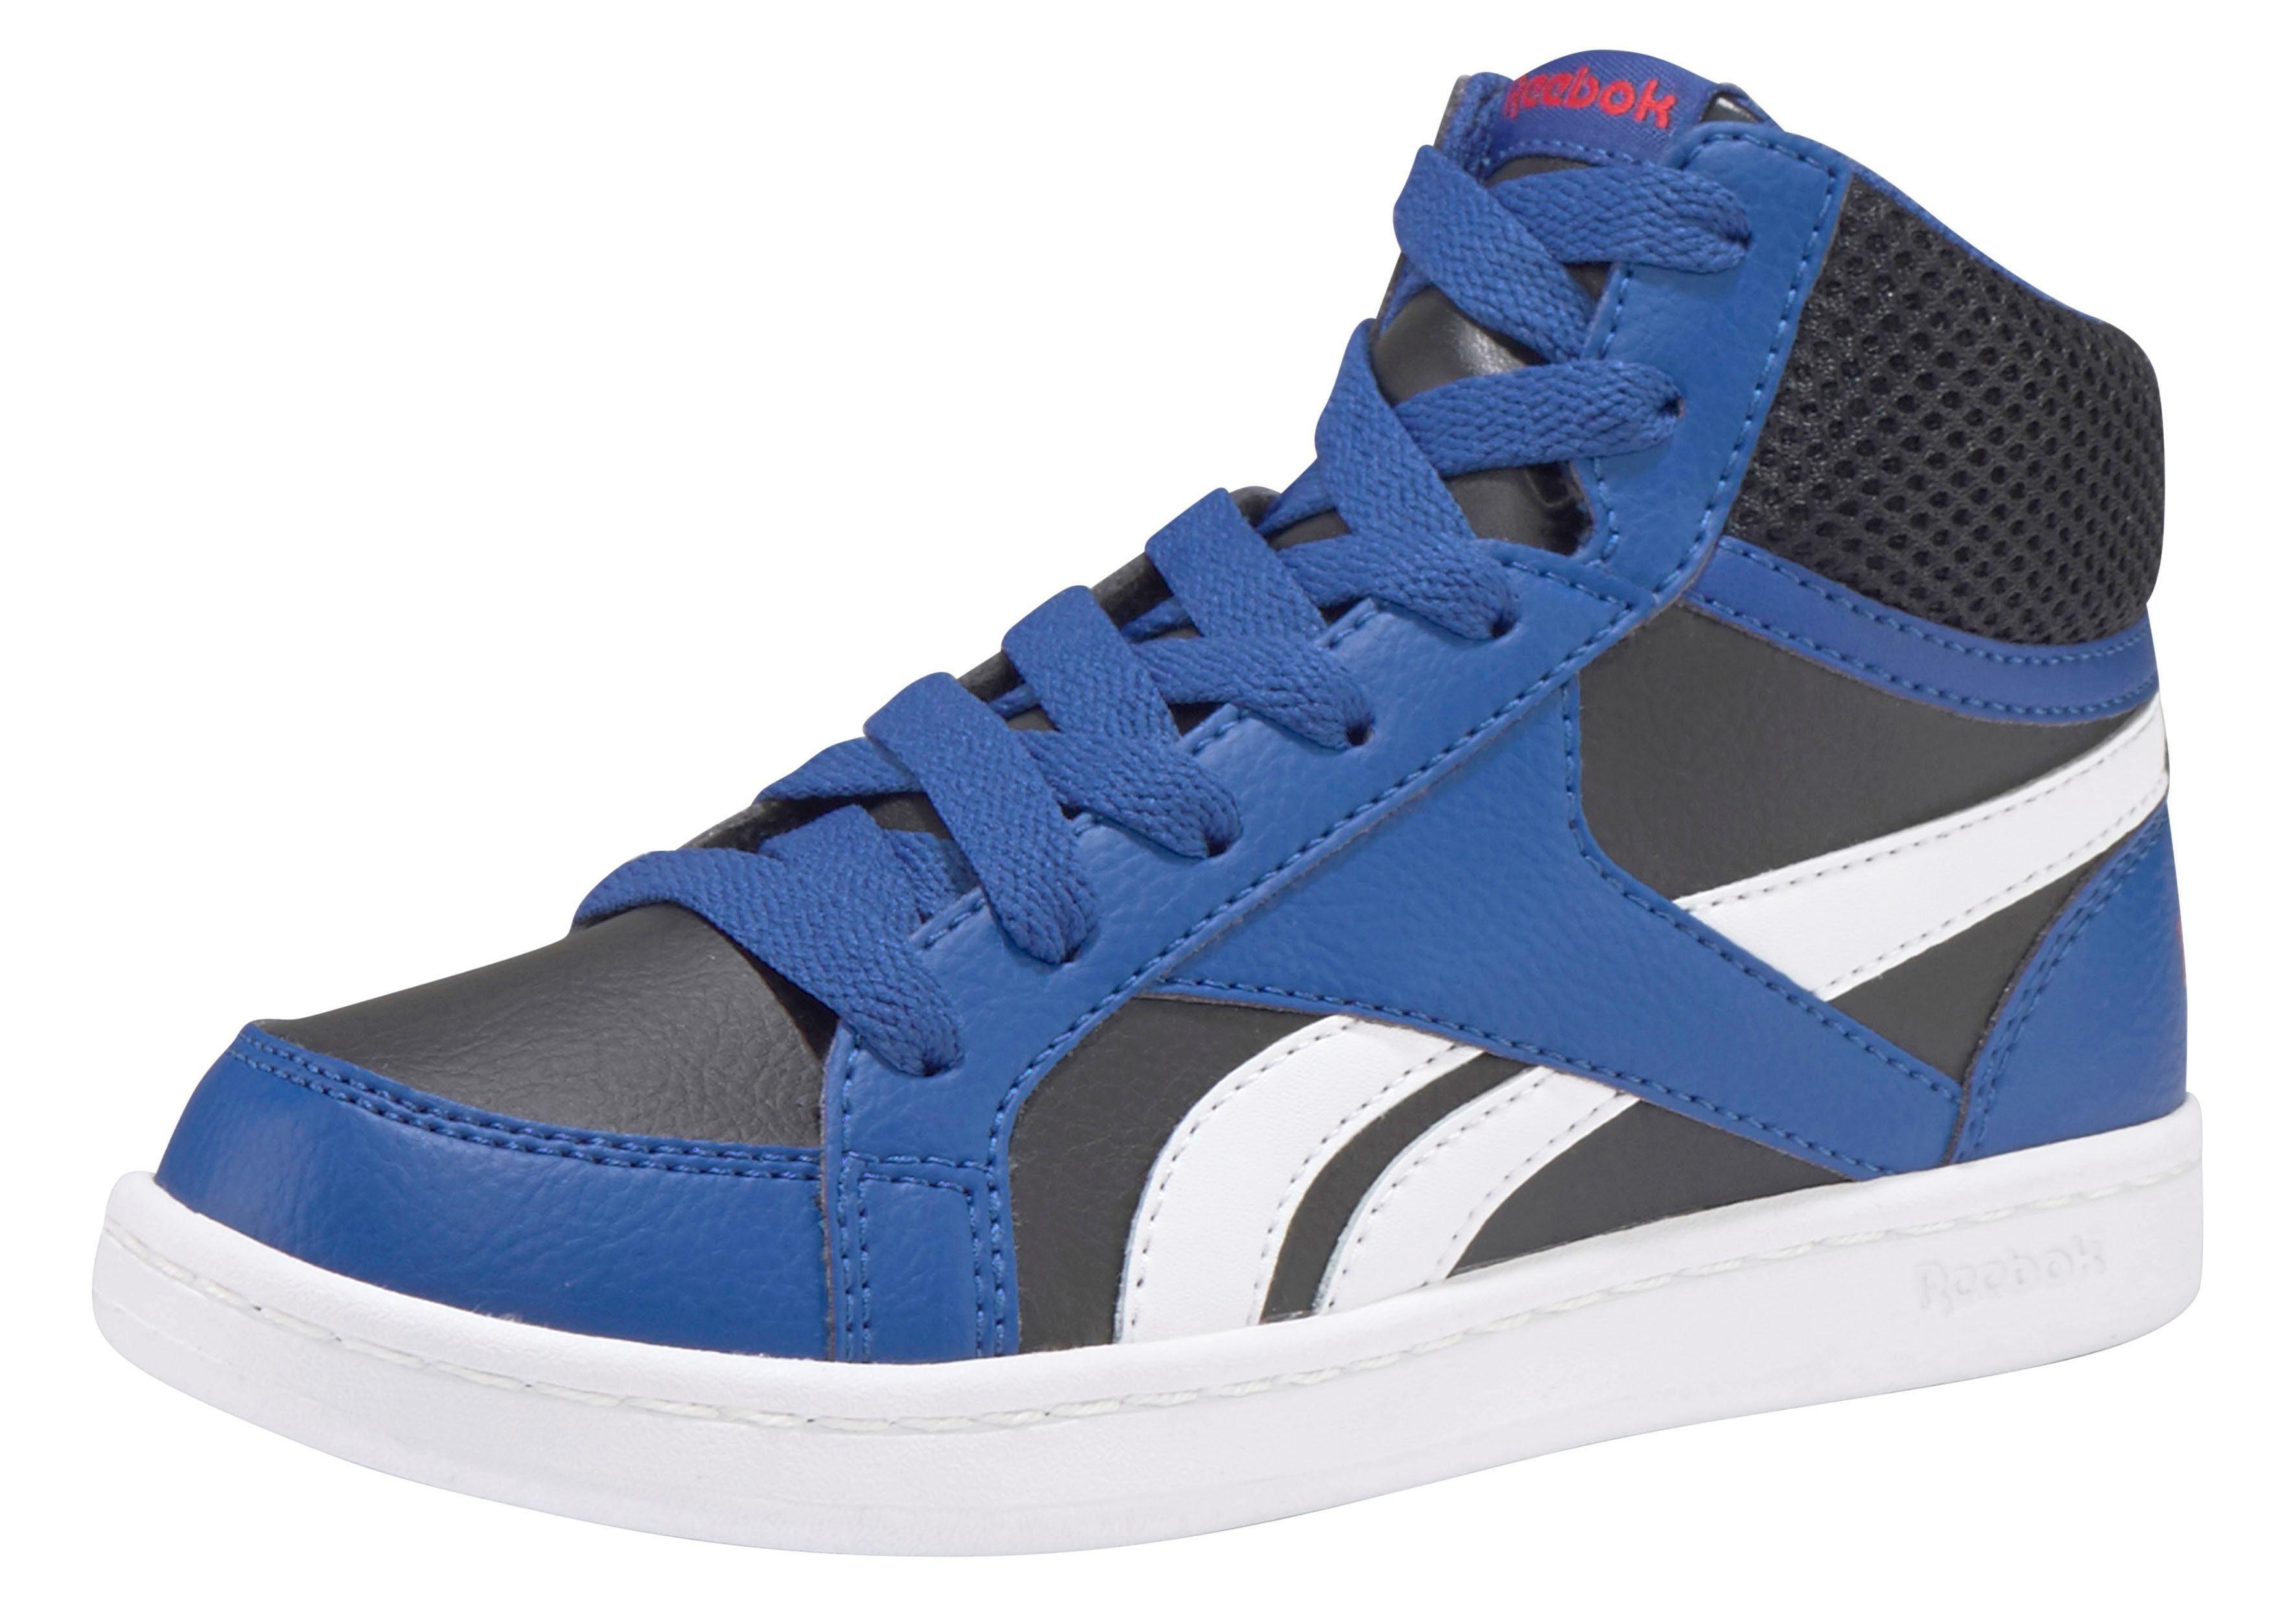 Reebok PRIME Sneaker sportlich knöchelhoch Kinder Schuhe